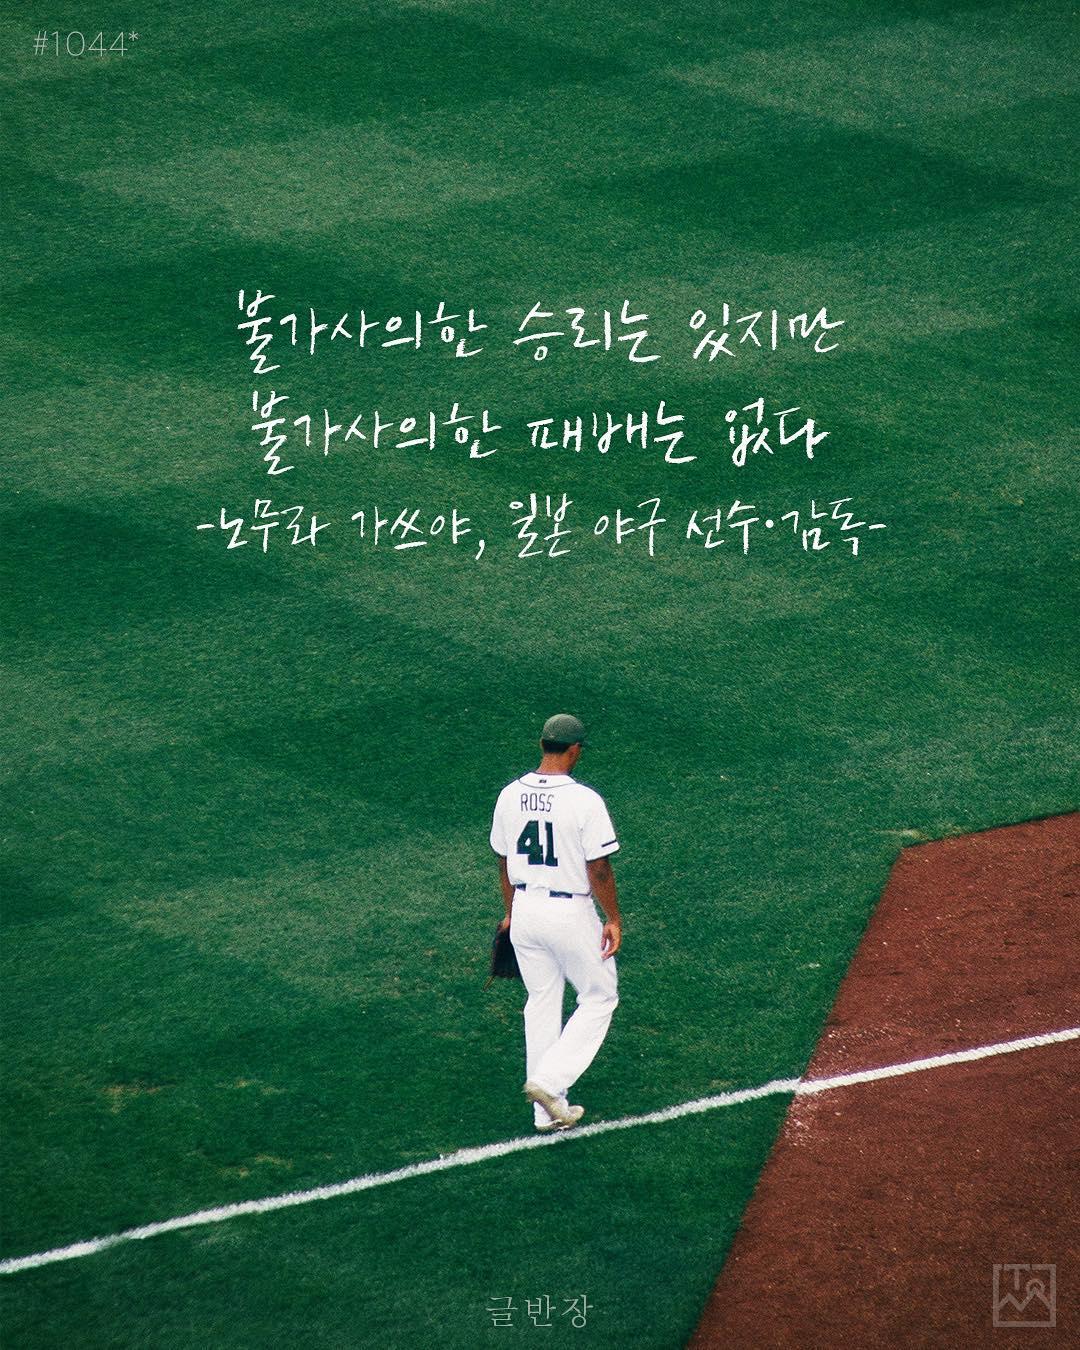 불가사의한 패배는 없다 - 노무라 카쓰야(野村克也, のむら かつや), 일본 야구 선수·감독